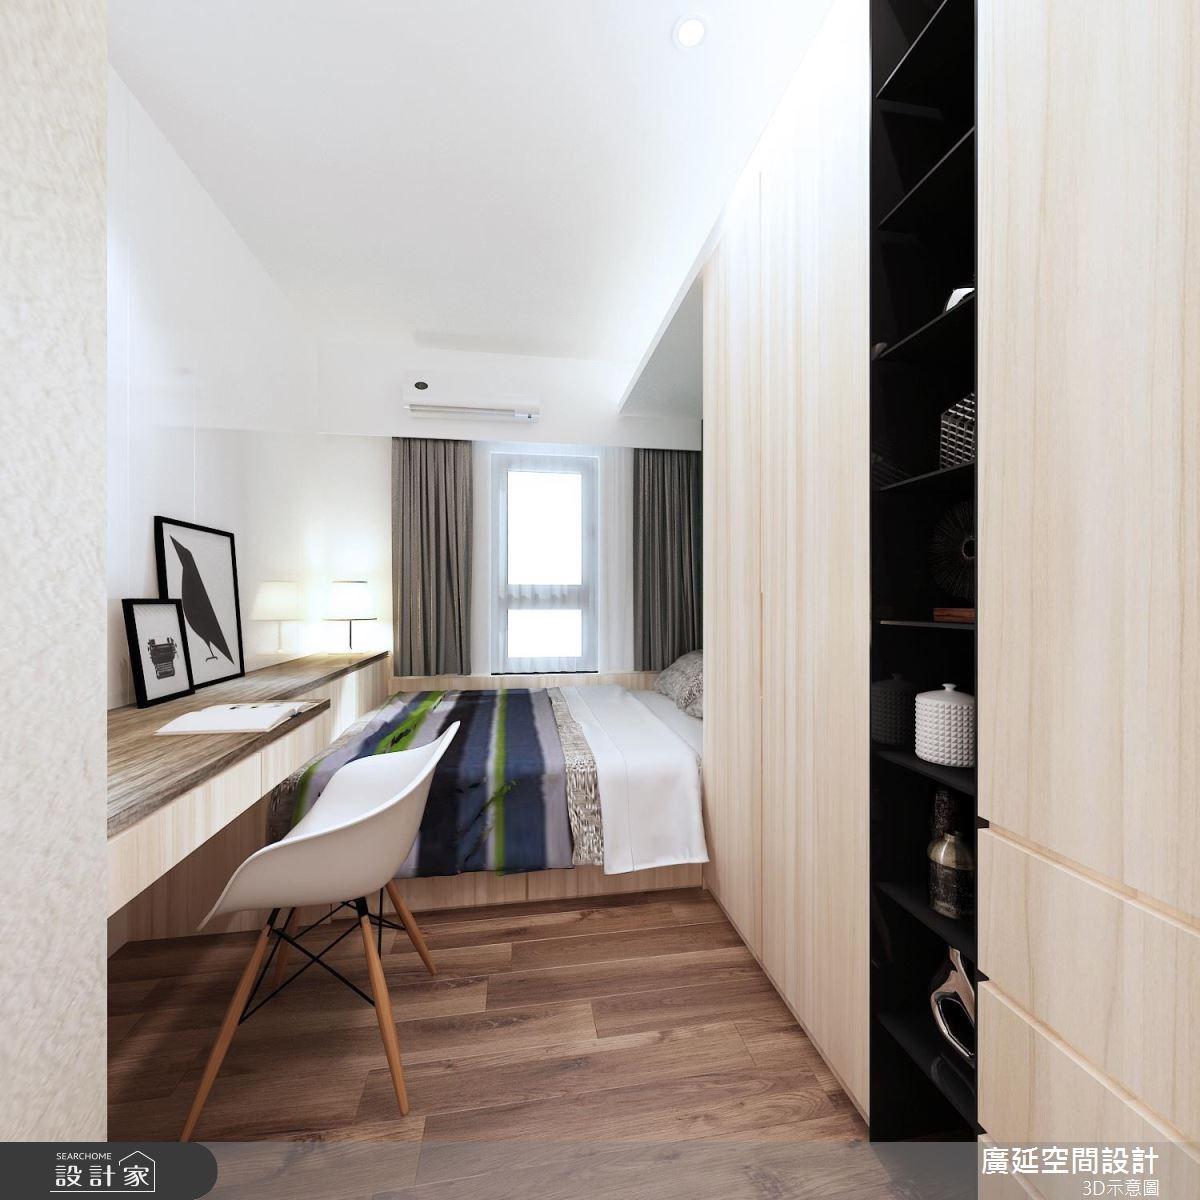 45坪新成屋(5年以下)_新古典案例圖片_廣延空間設計_廣延_08之6